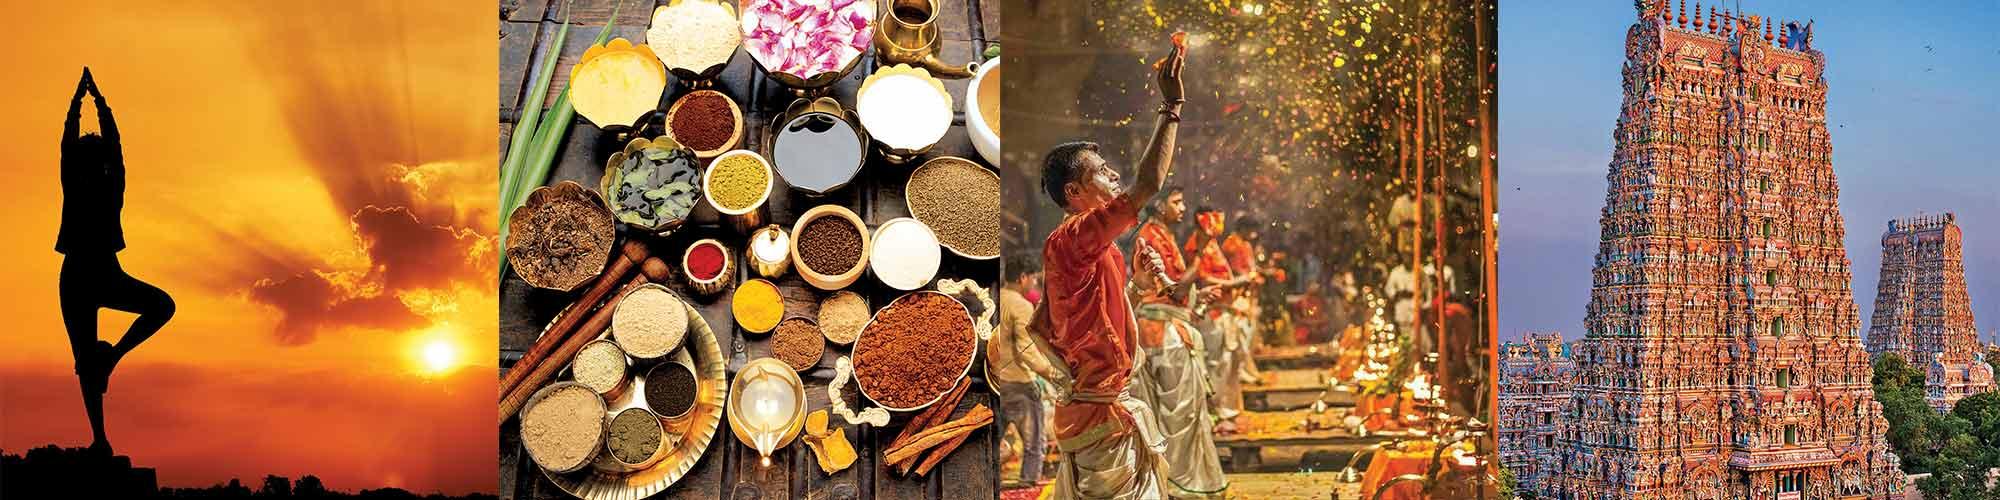 """""""Índia: Experiências Inesquecíveis"""": quatro dias de imersão na cultura e na diversidade indianas"""